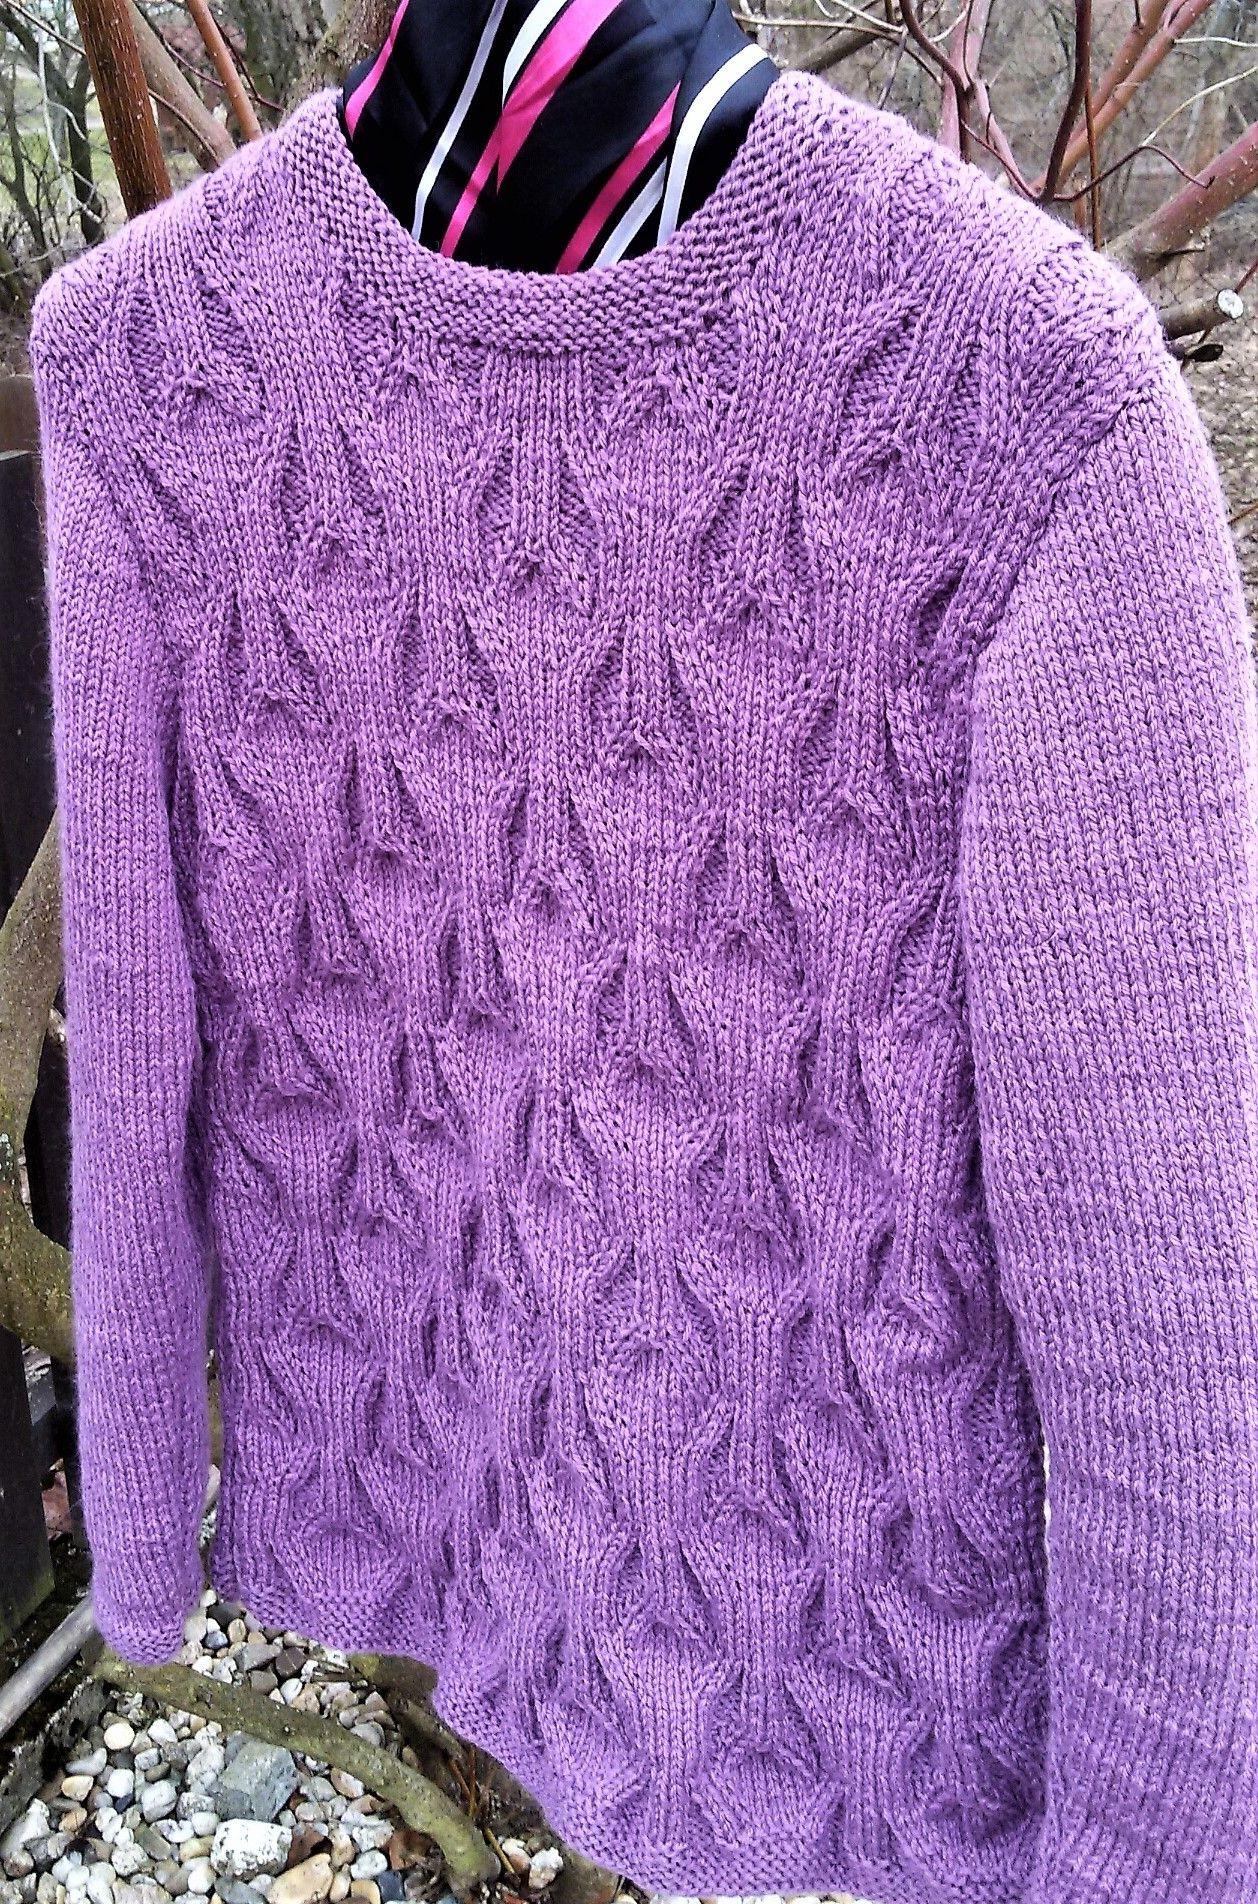 473165a8a45e Ručně+pletený+svetr+dámský+-+vřes+Elegantní+ručně+pletený+dámský+ ...